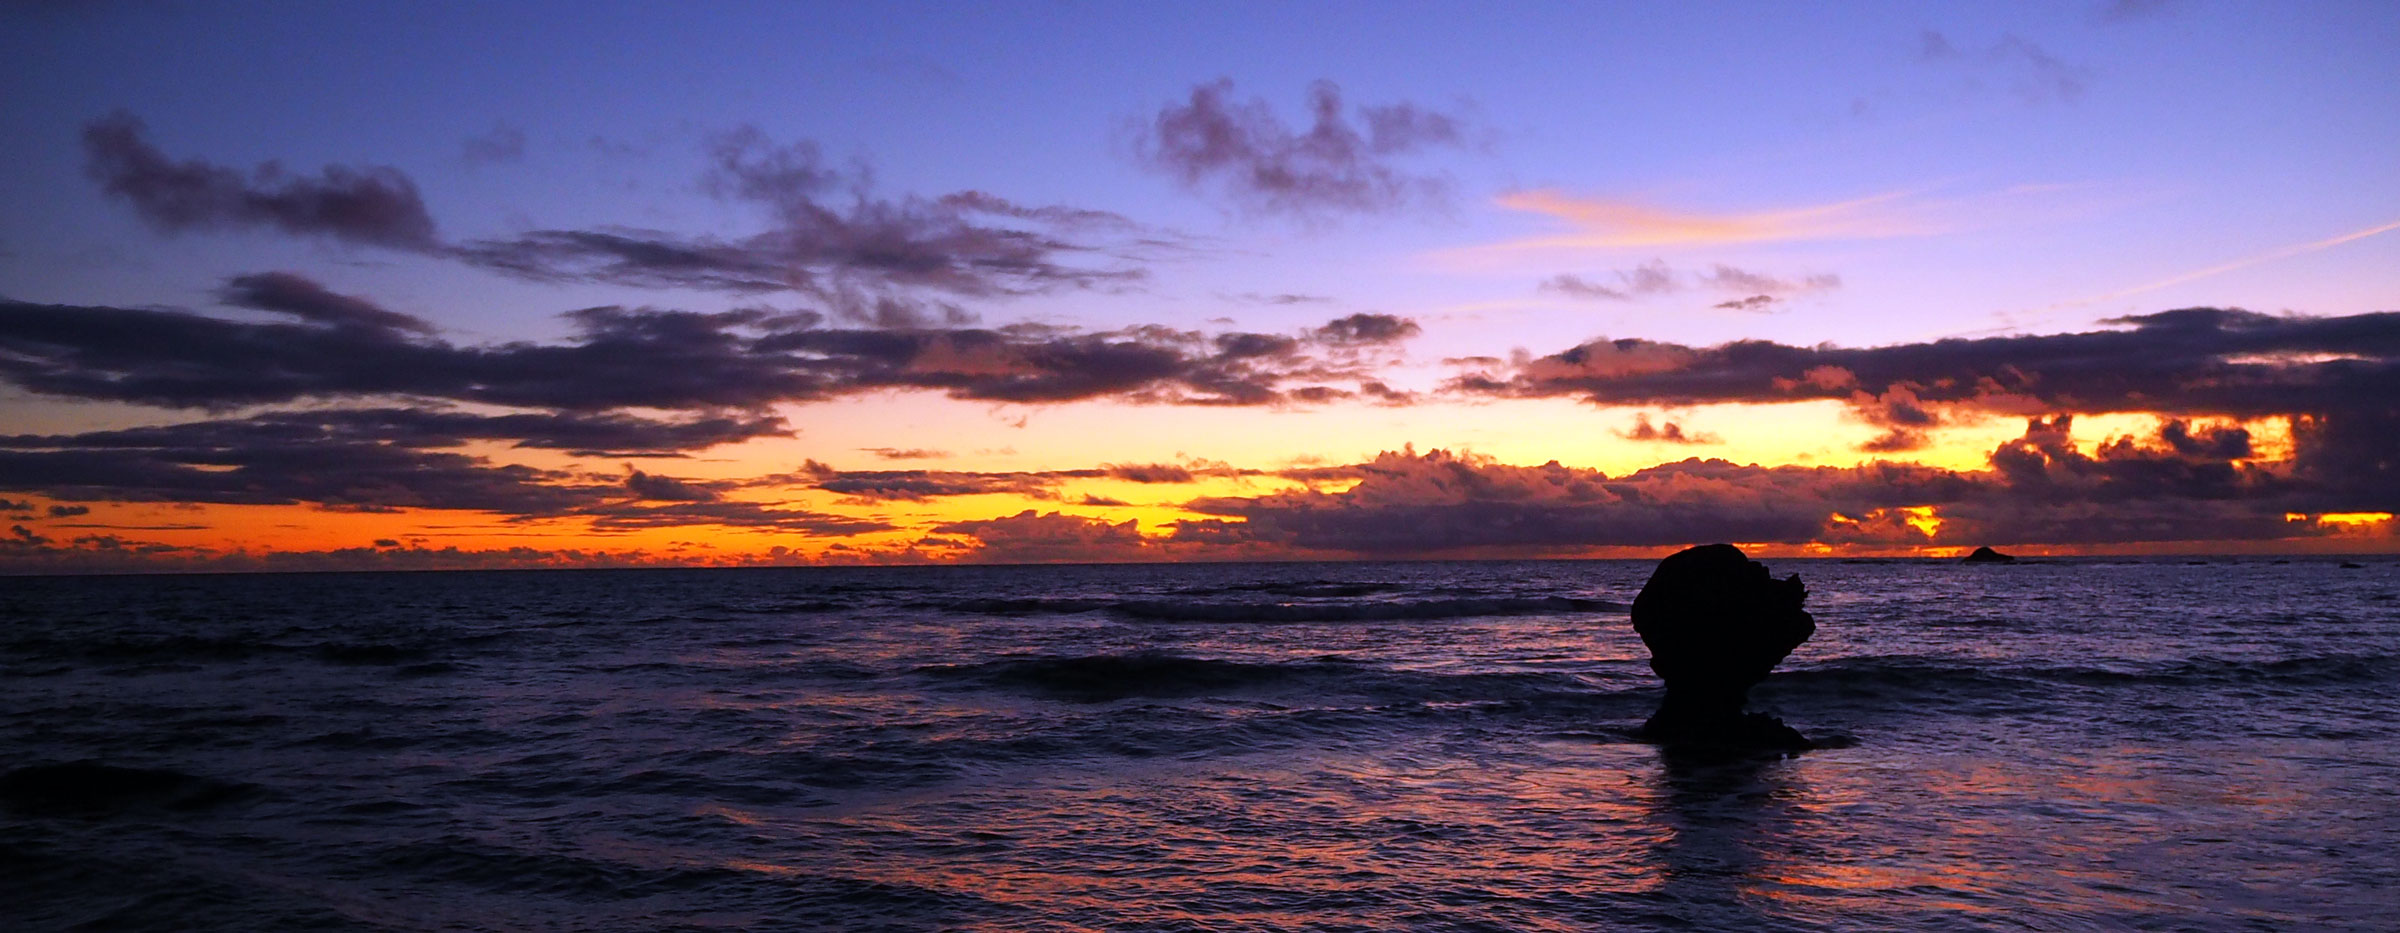 奄美大島の長期滞在可能なペンション【あーりーばーど】 |  土盛ビーチ 子抱岩